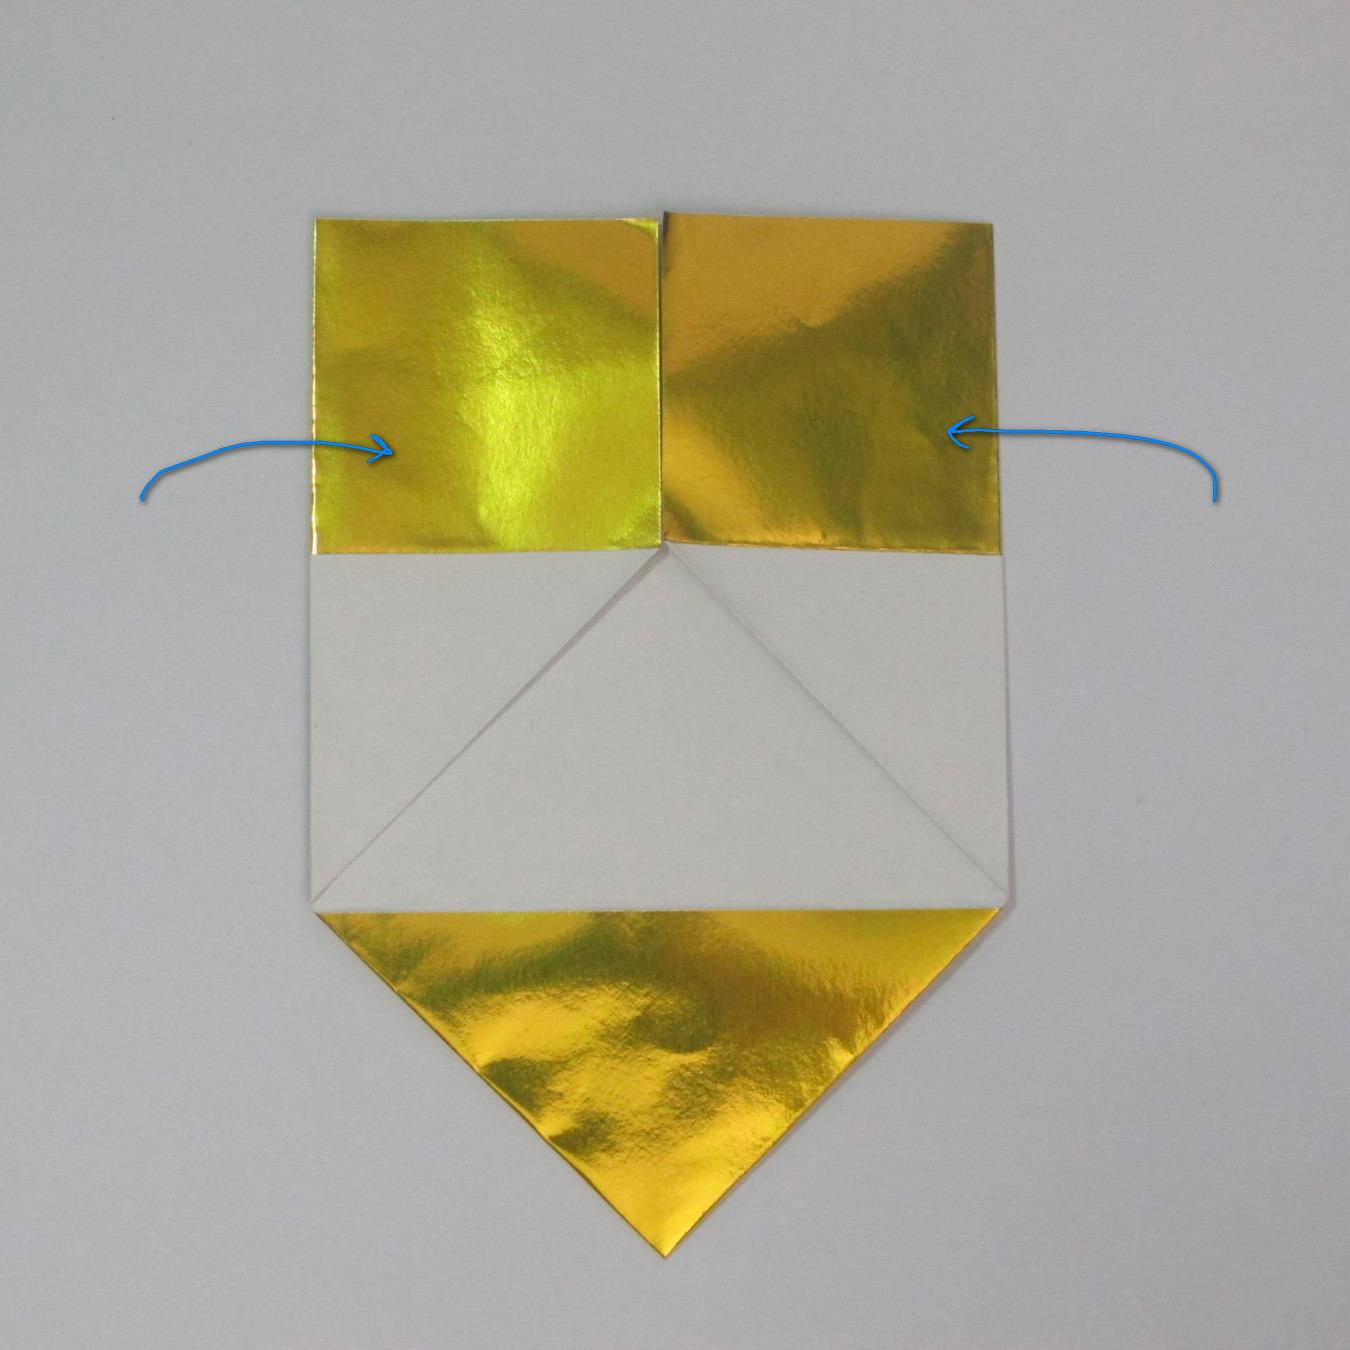 วิธีพับกระดาษเป็นรูปหัวใจติดปีก (Heart Wing Origami) 009